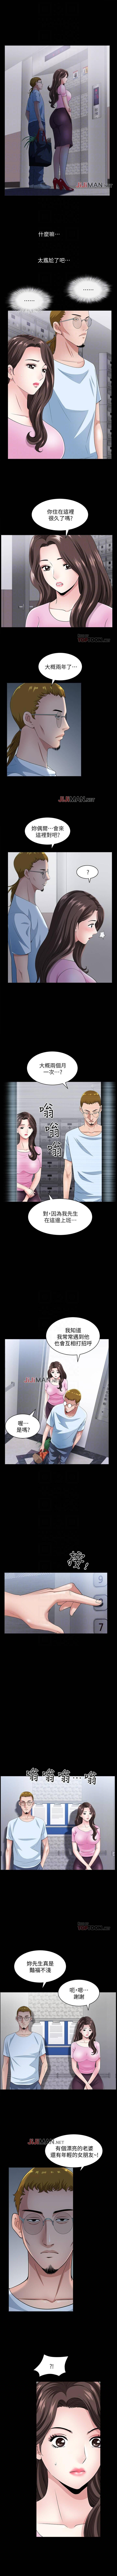 【周日连载】双妻生活(作者:skyso) 第1~23话 67